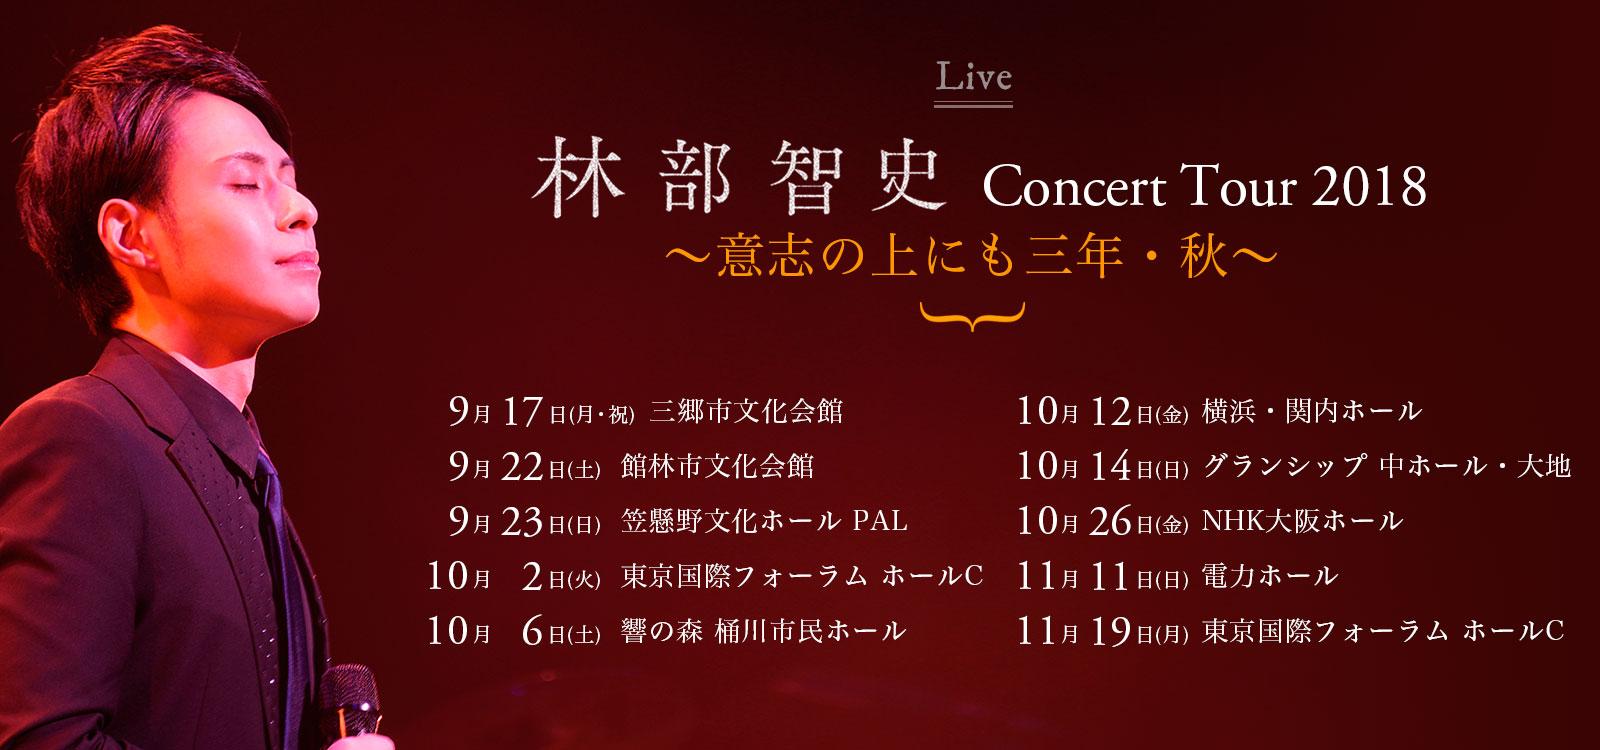 意志の上にも三年 コンサートツアー2018 秋